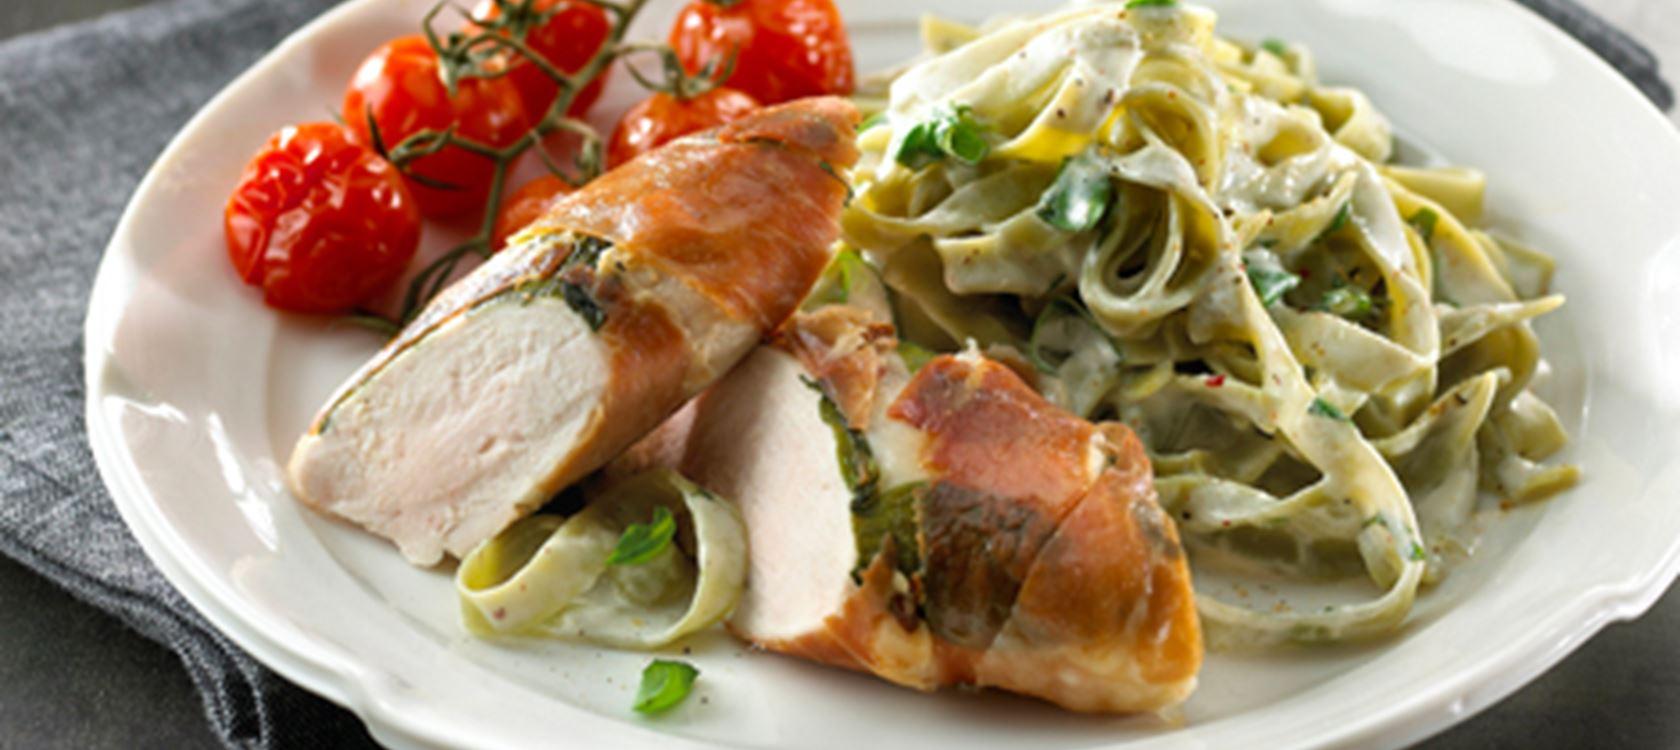 Kylling i skinke og grønt - Opskrifter - Arla